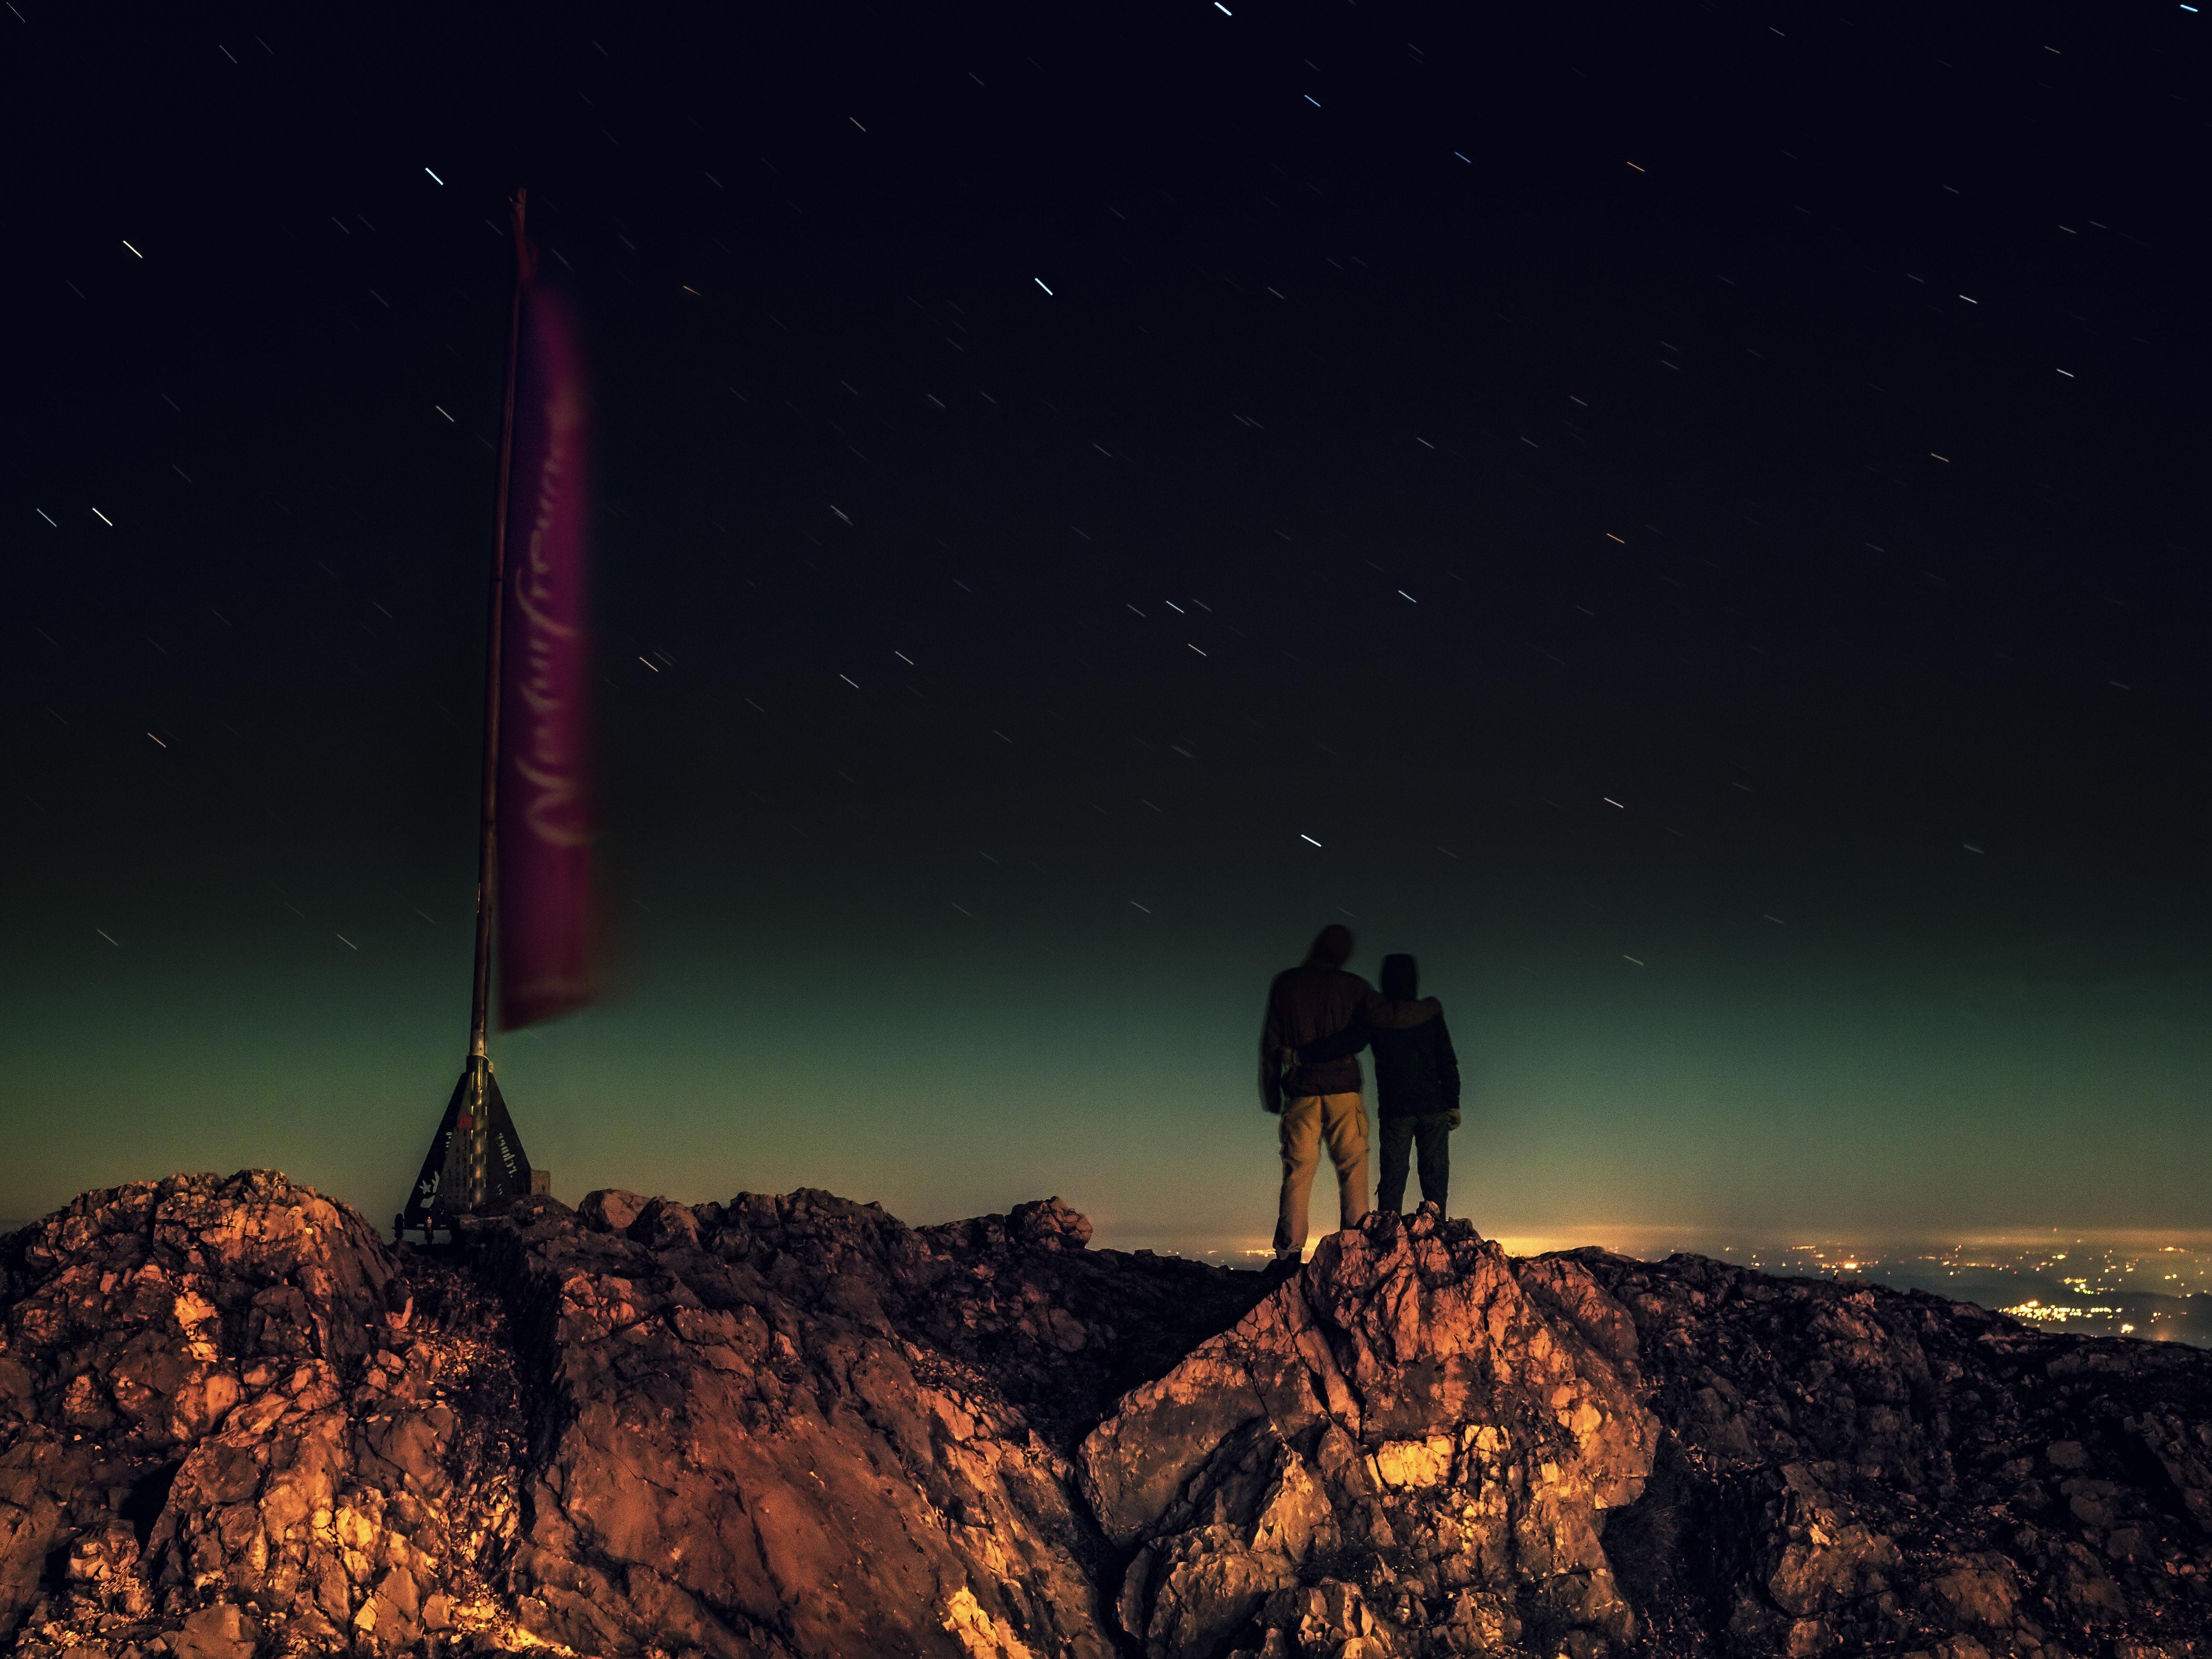 action-adventure-astronomy-722939